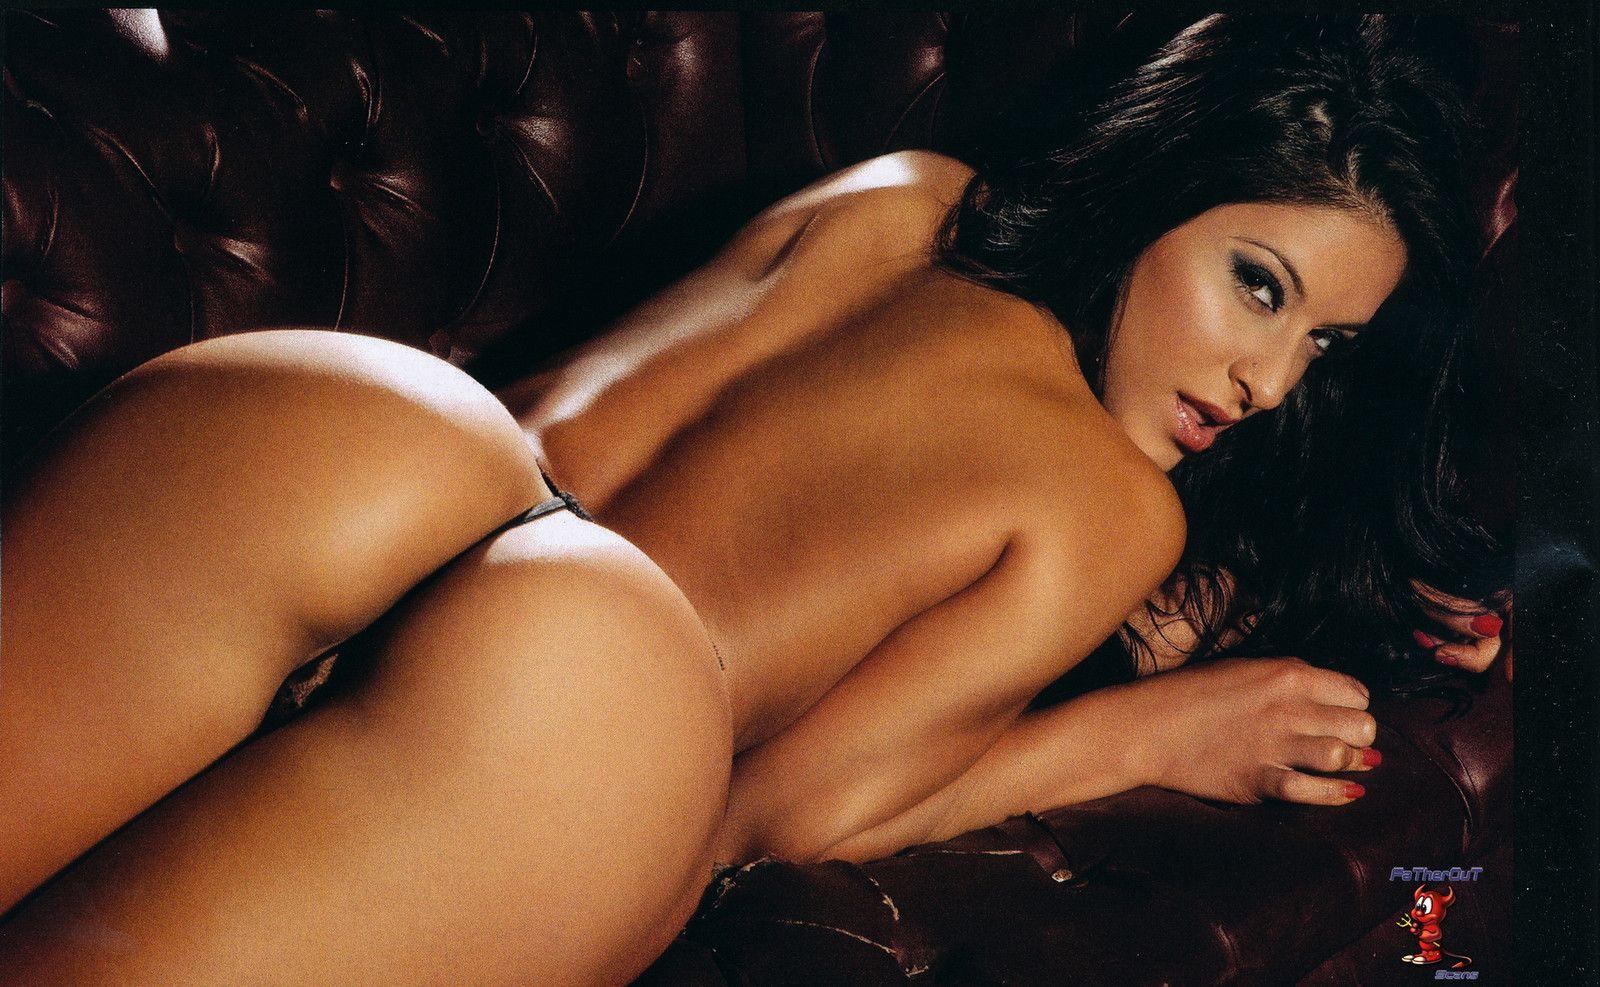 celeste muriega in maxim magazine argentina nude | erotic